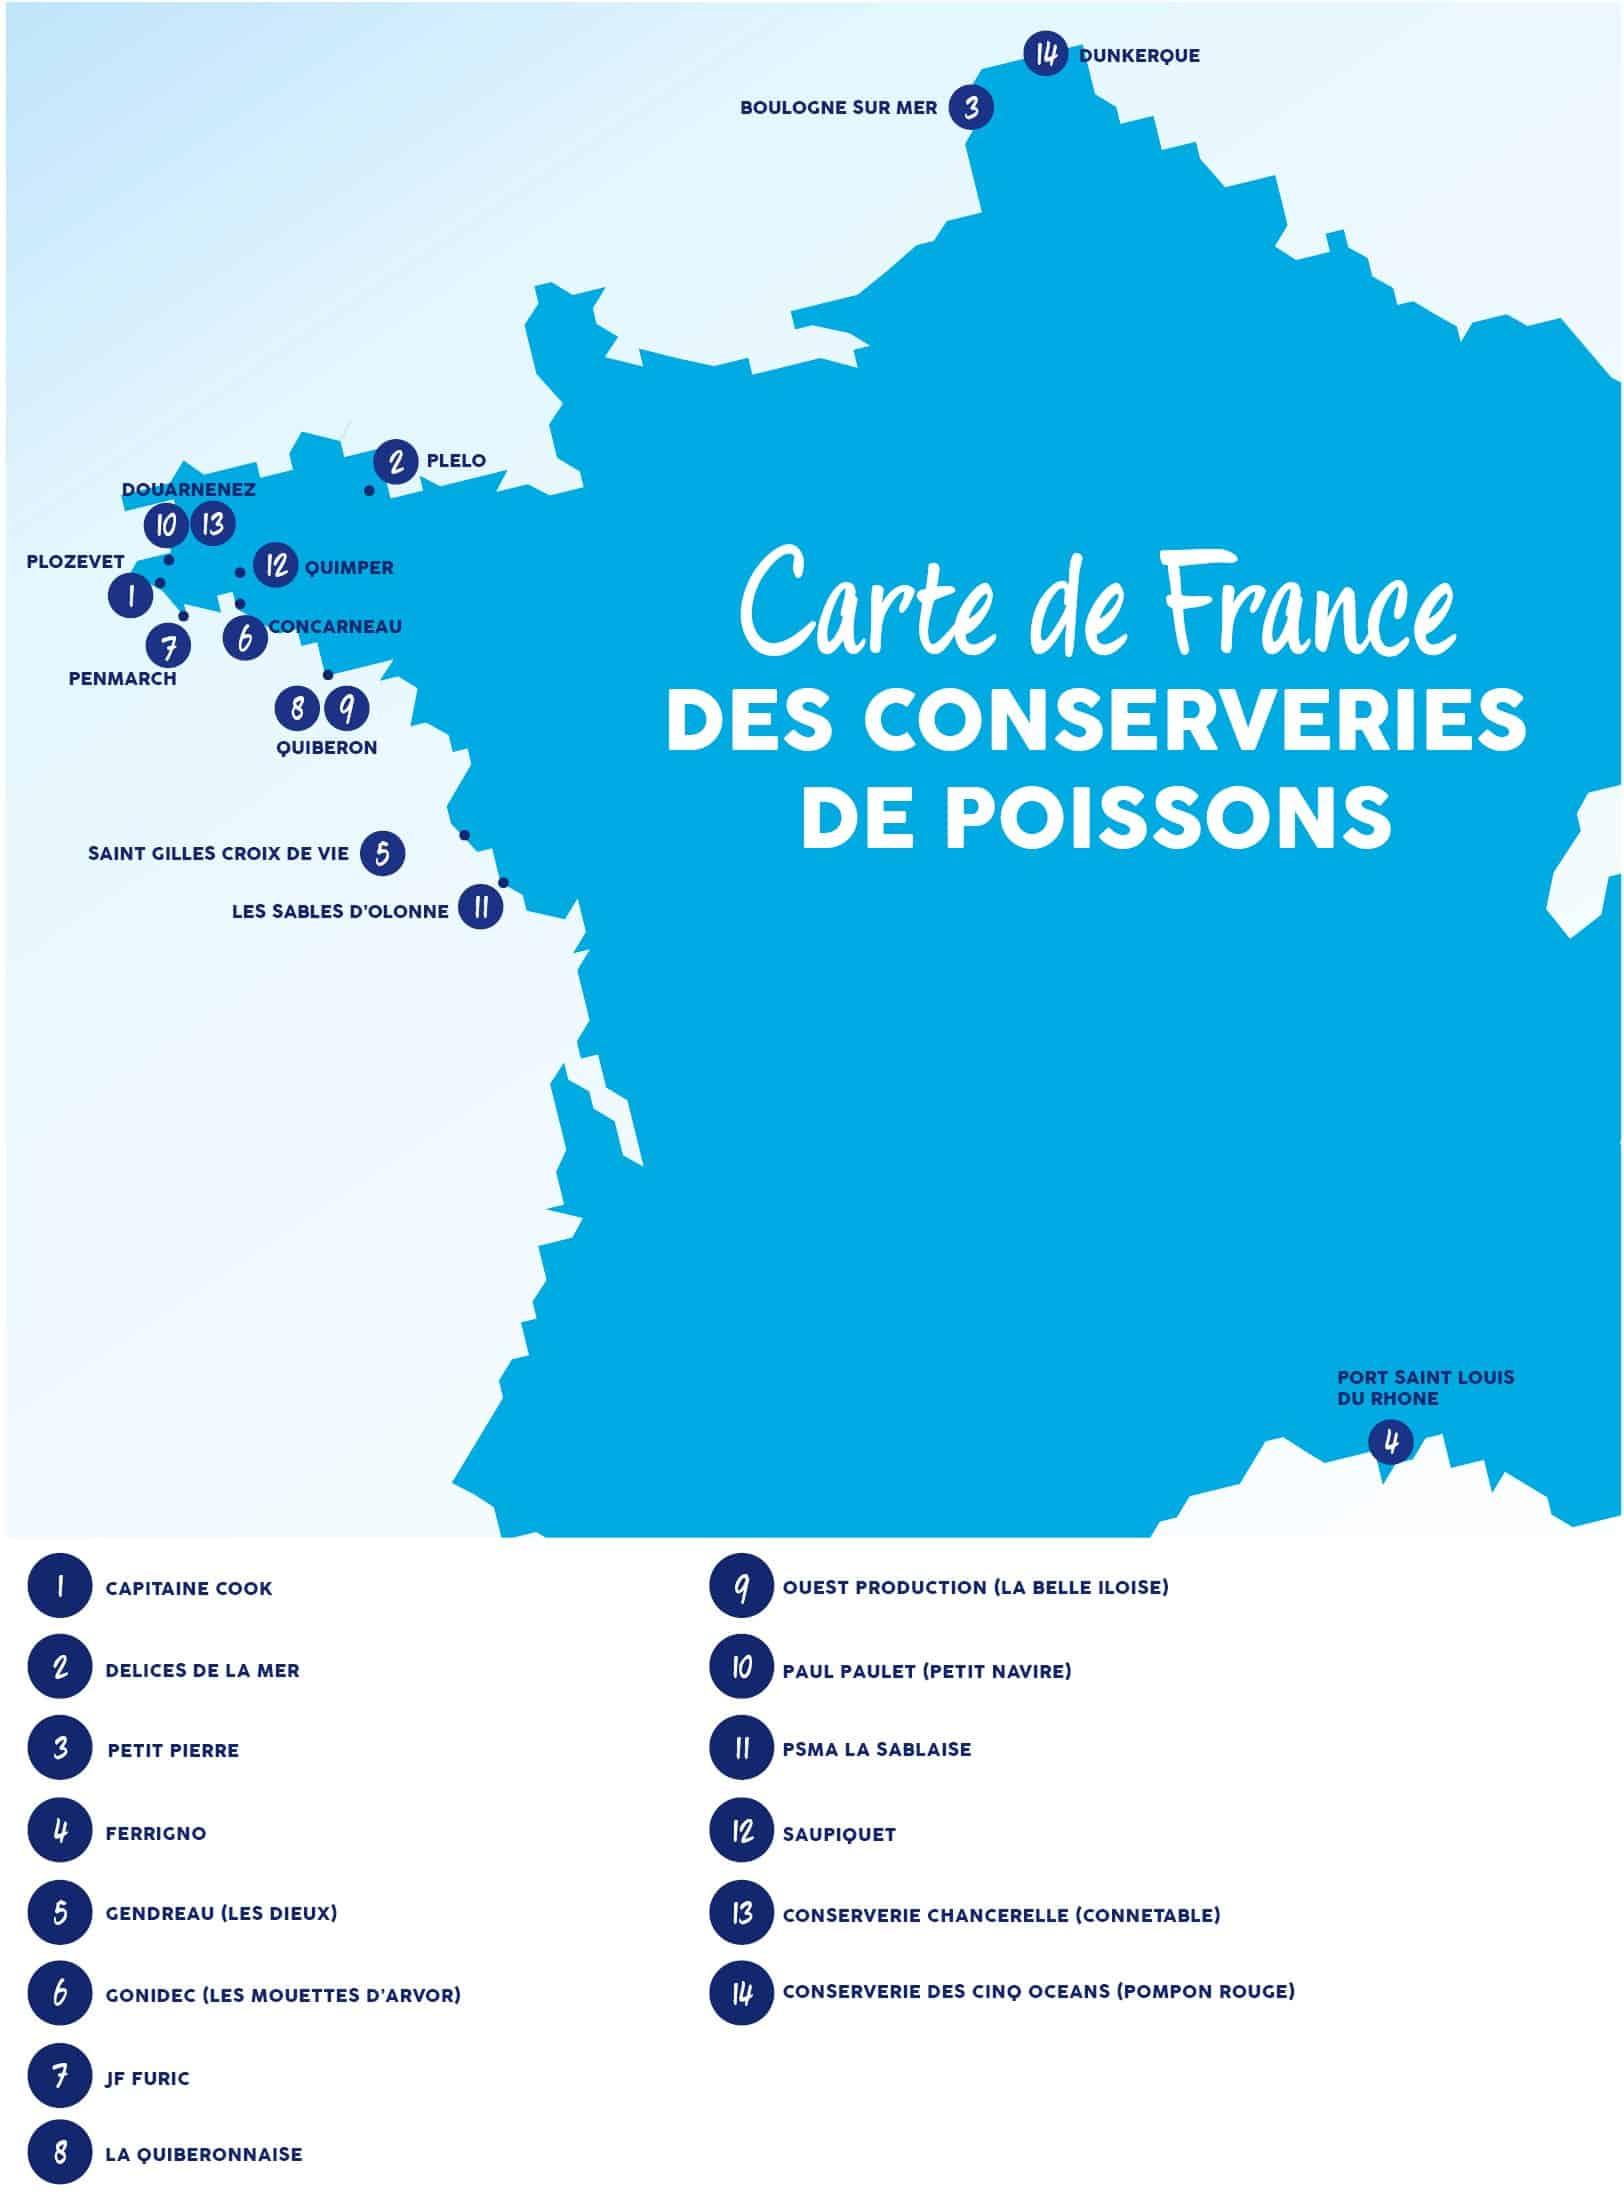 Carte de France des conserveries de poissons